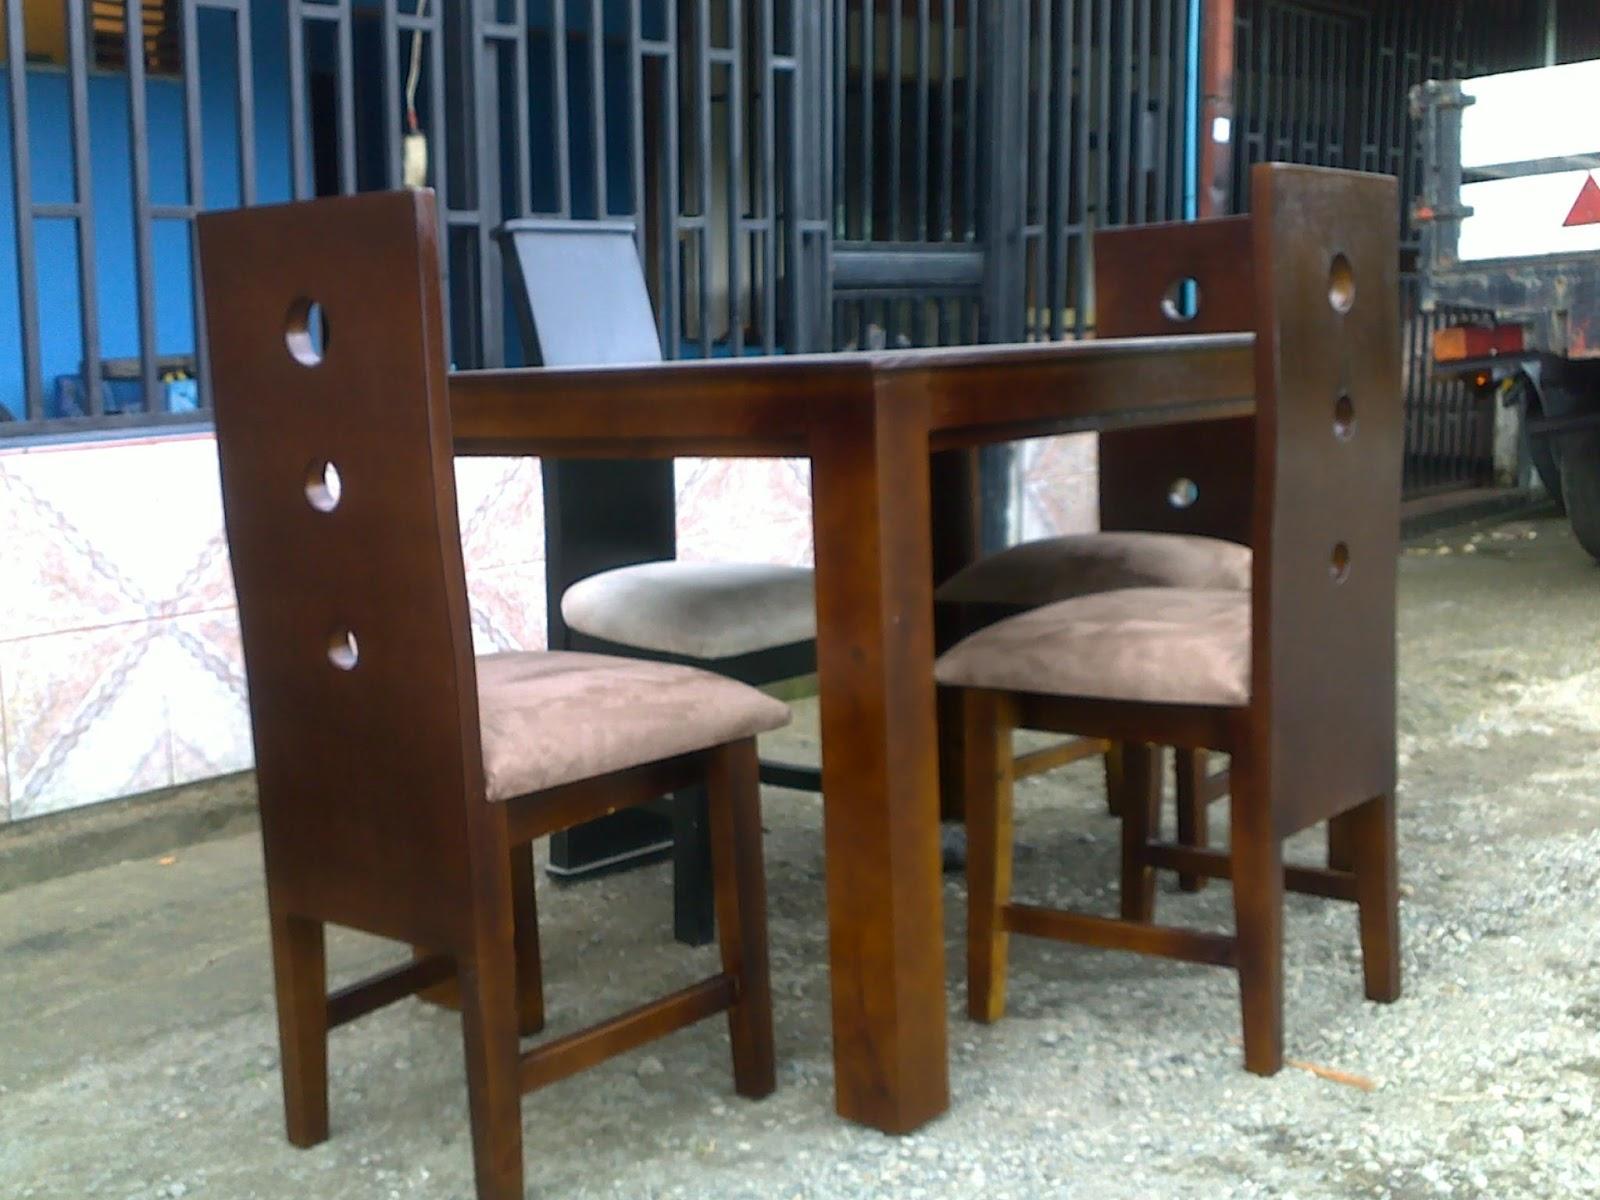 Muebles figo comedor cuatro sillas color zenisaro for Comedor cuatro sillas